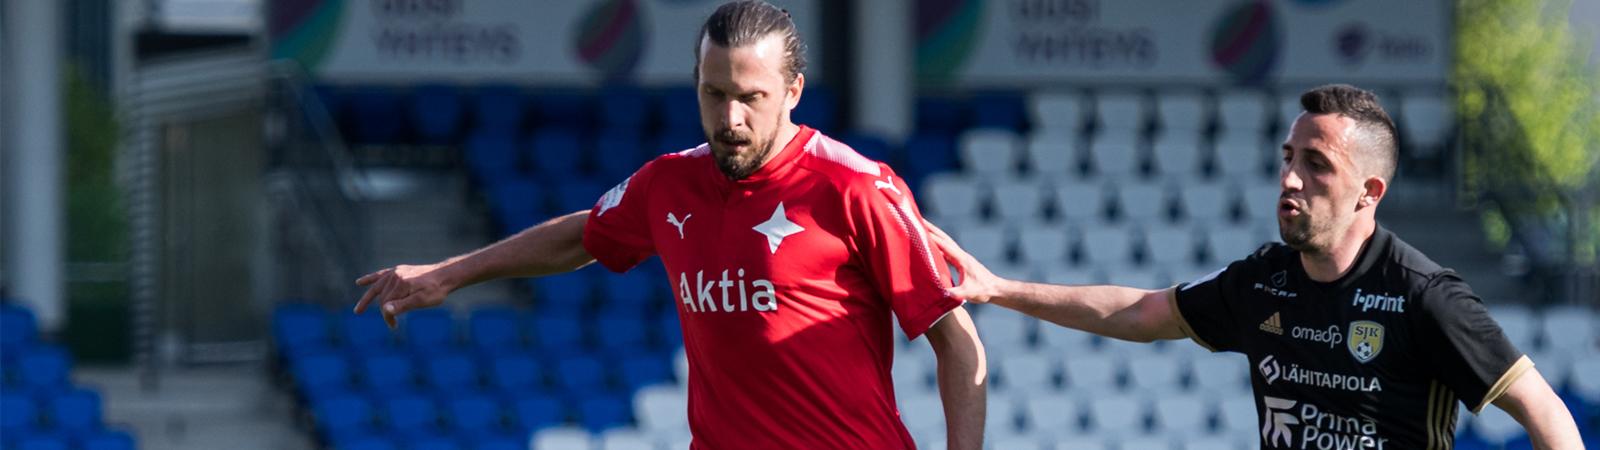 HIFK jäi jälleen maaleitta <br> &#8211; Billy Ions SJK:n sankarina